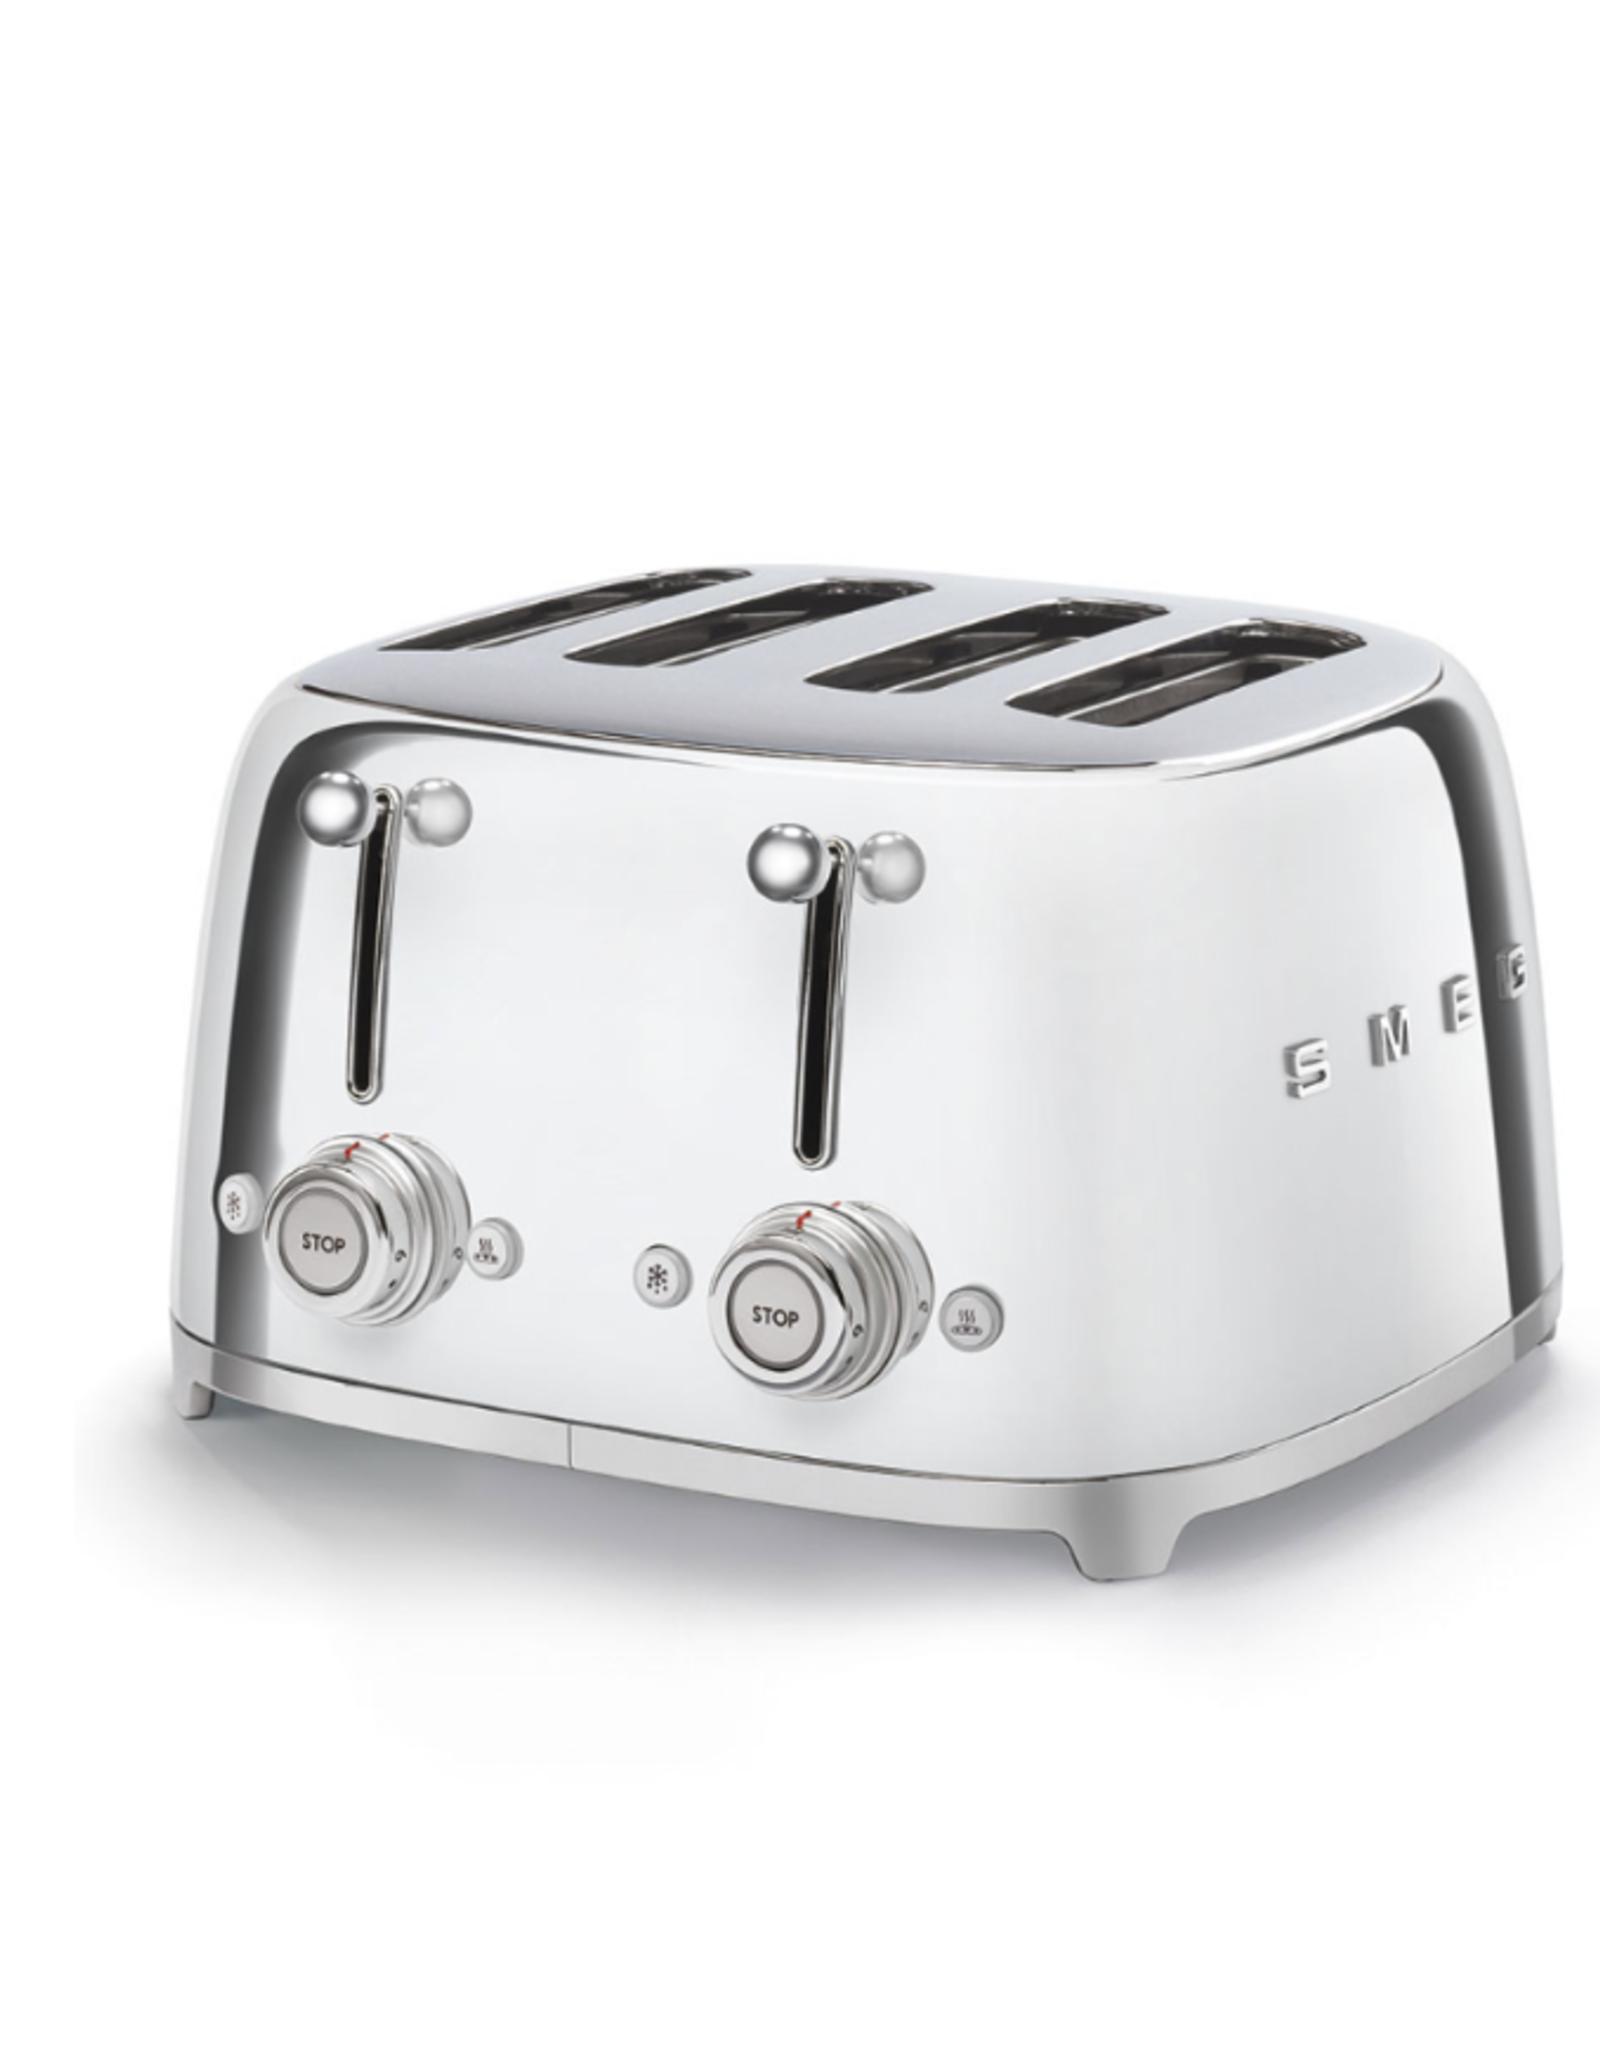 Smeg 4 Slot Toaster, Chrome